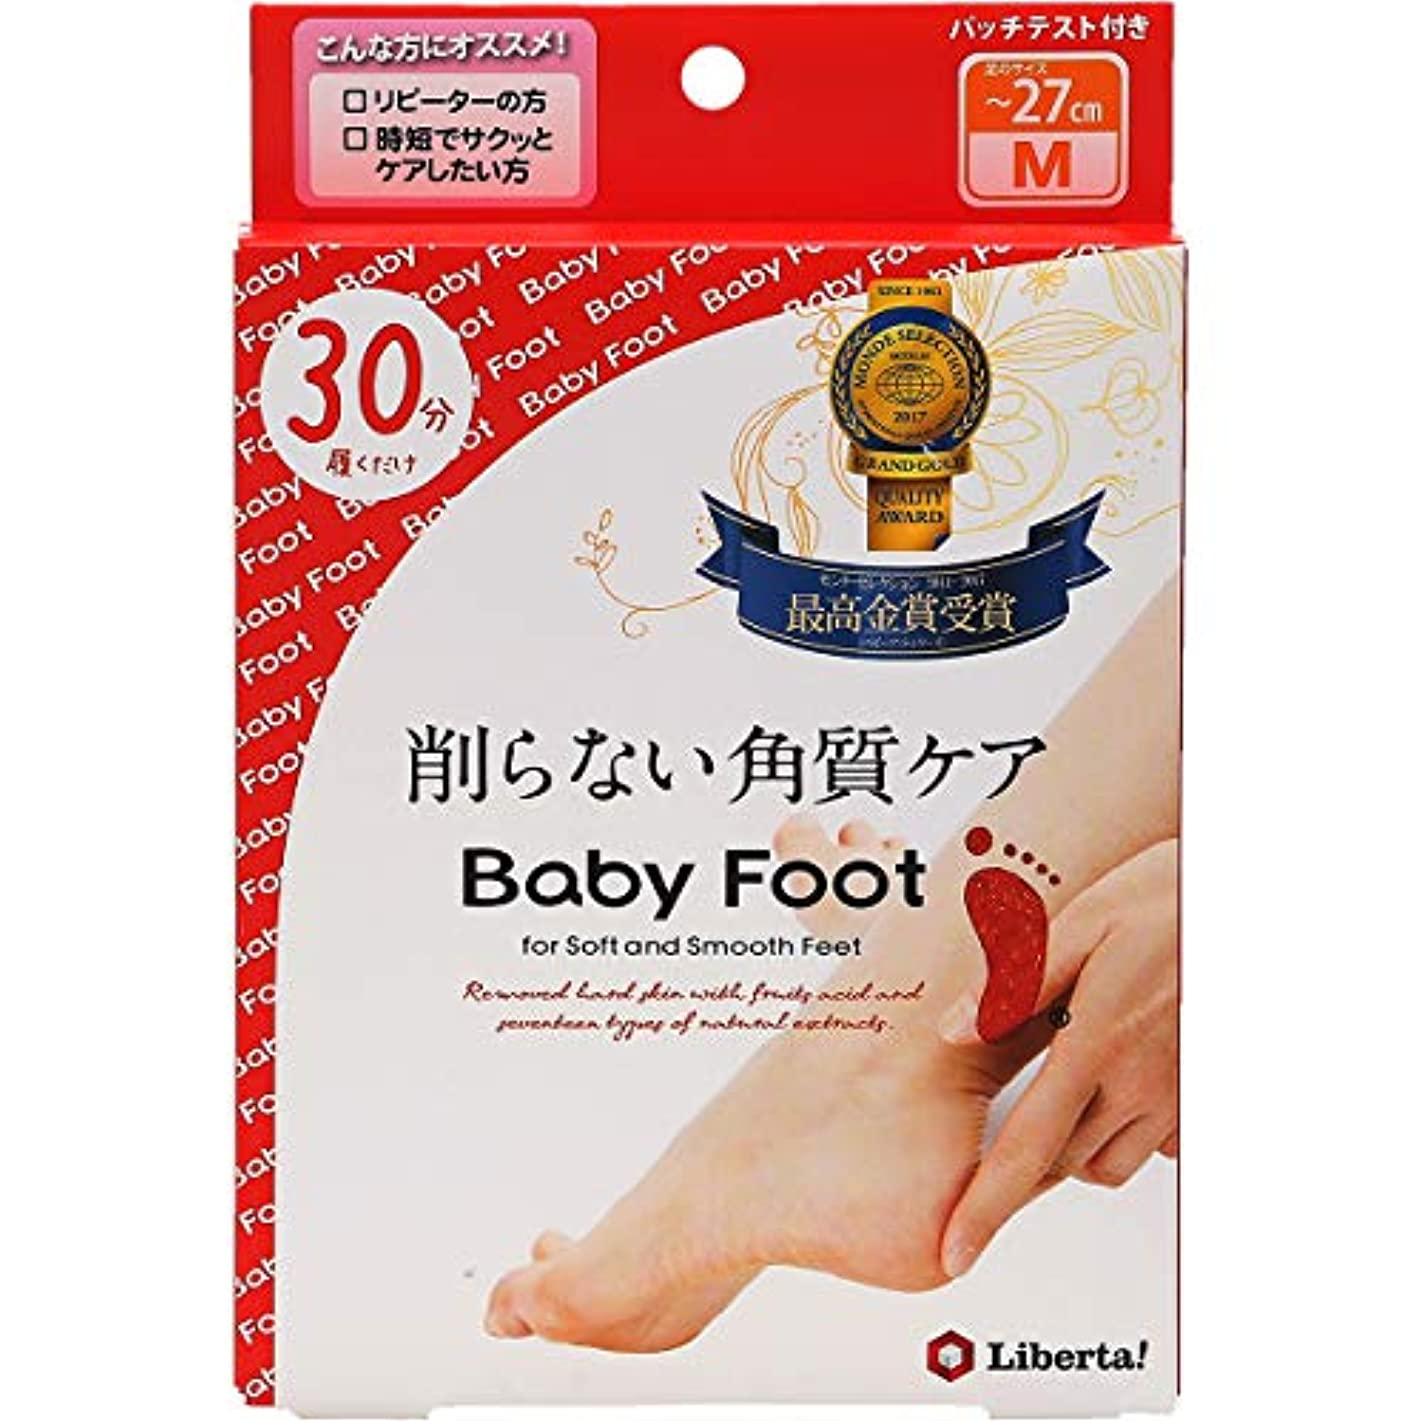 経度慢スティーブンソンベビーフット (Baby Foot) ベビーフット イージーパック30分タイプ Mサイズ 単品